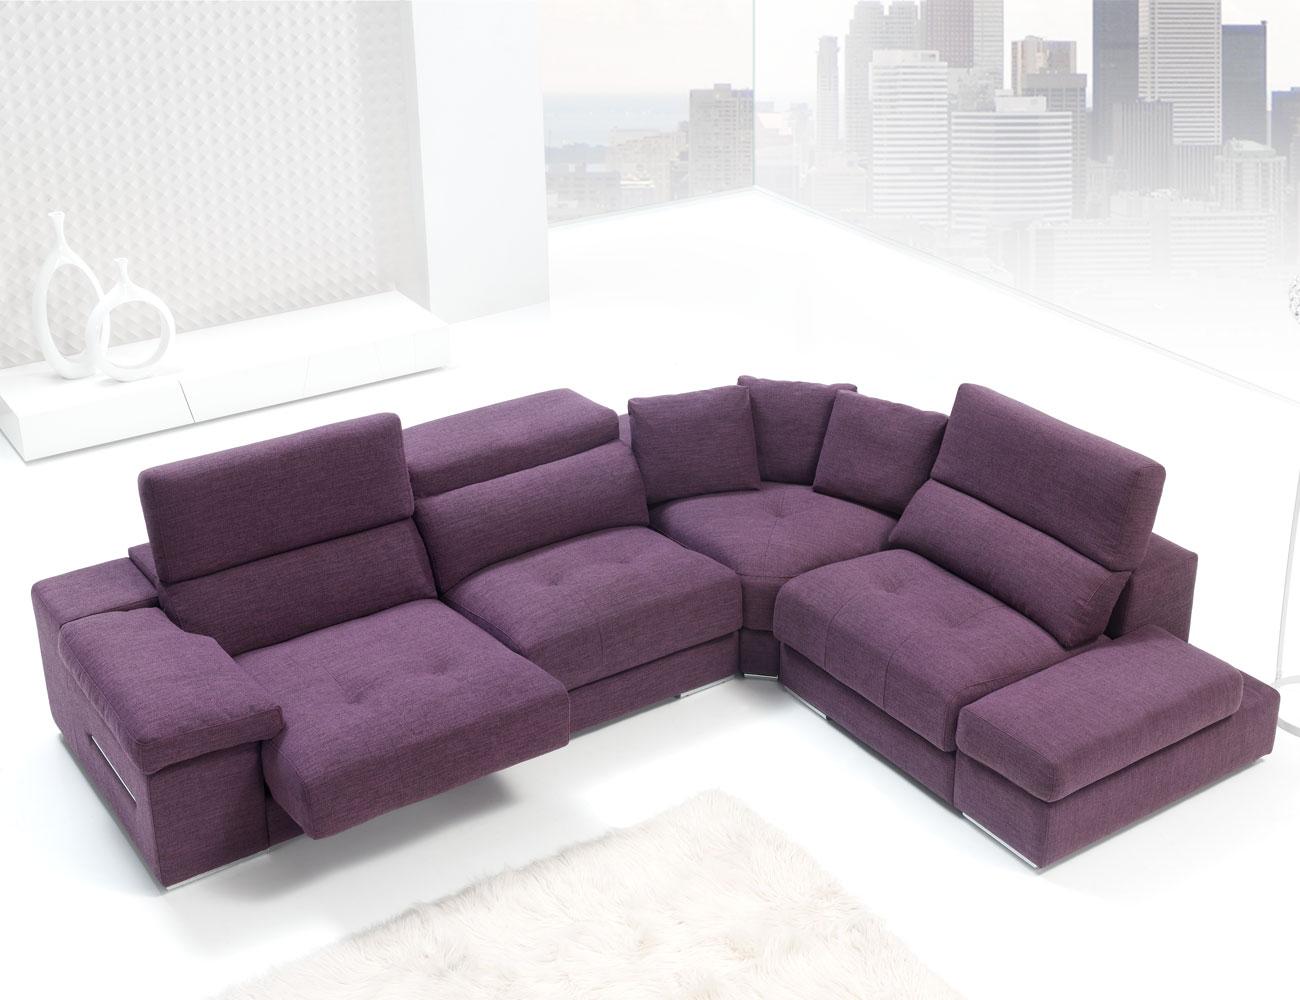 Sofa chaiselongue rincon con brazo mecanico tejido anti manchas 21